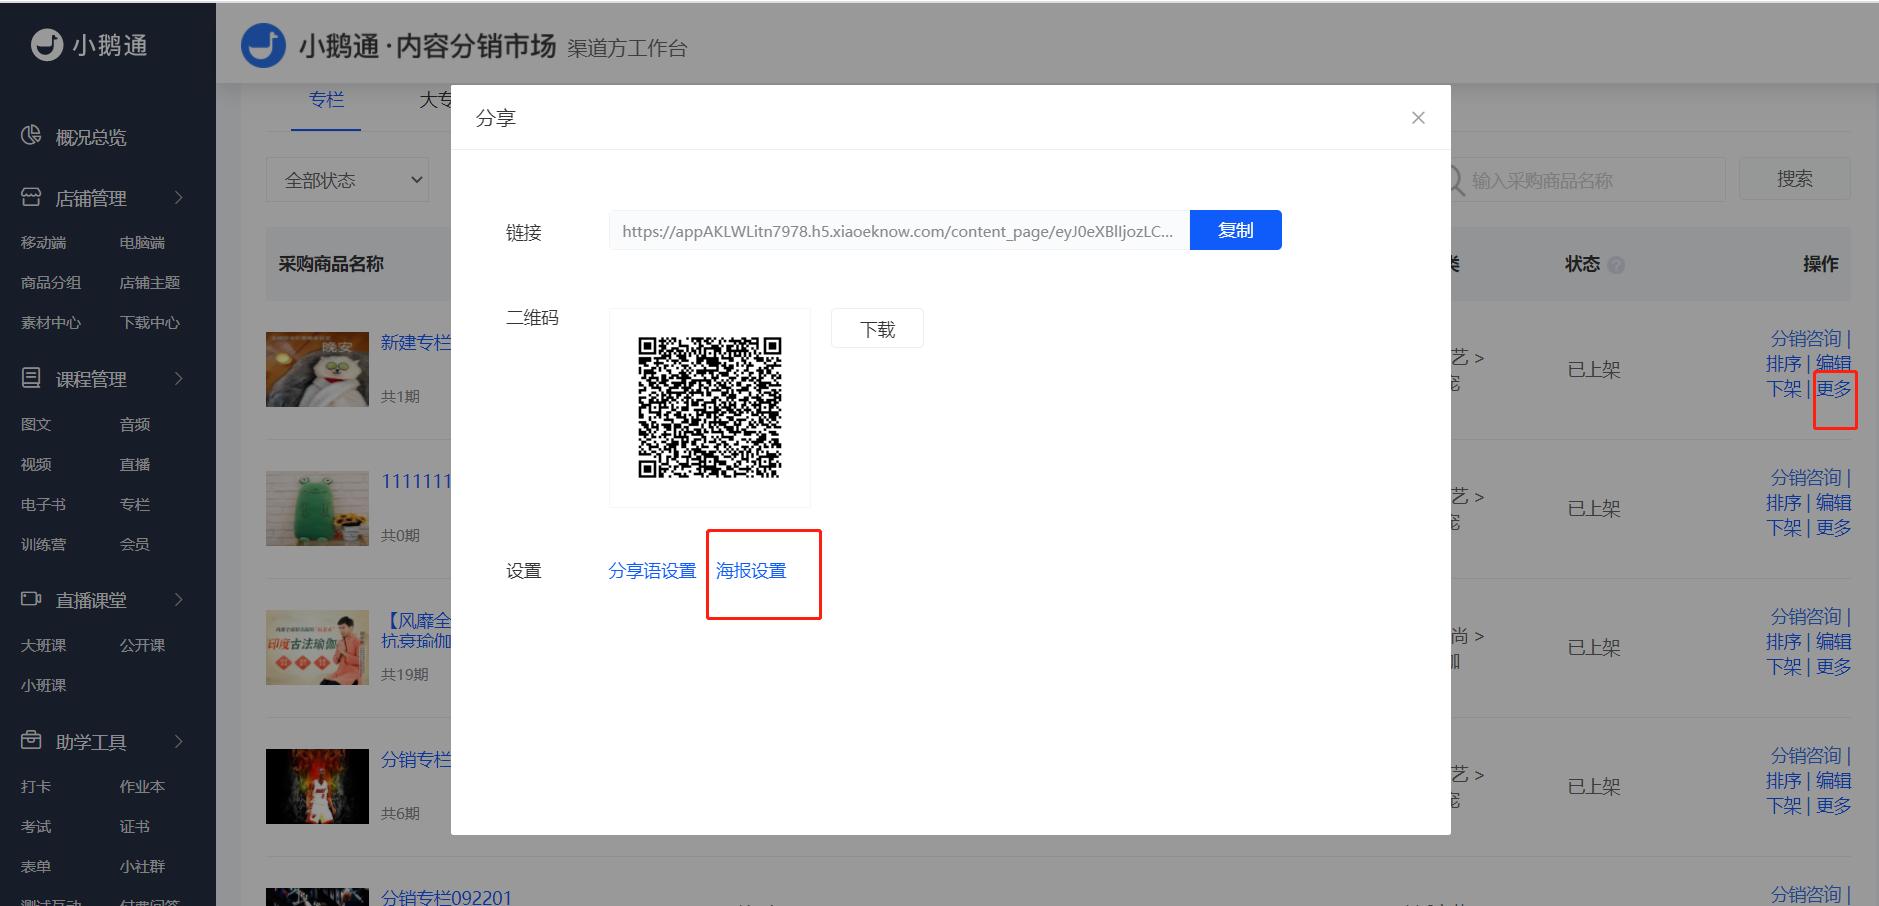 小鹅通课程分享海报自定义使用教程(图2)